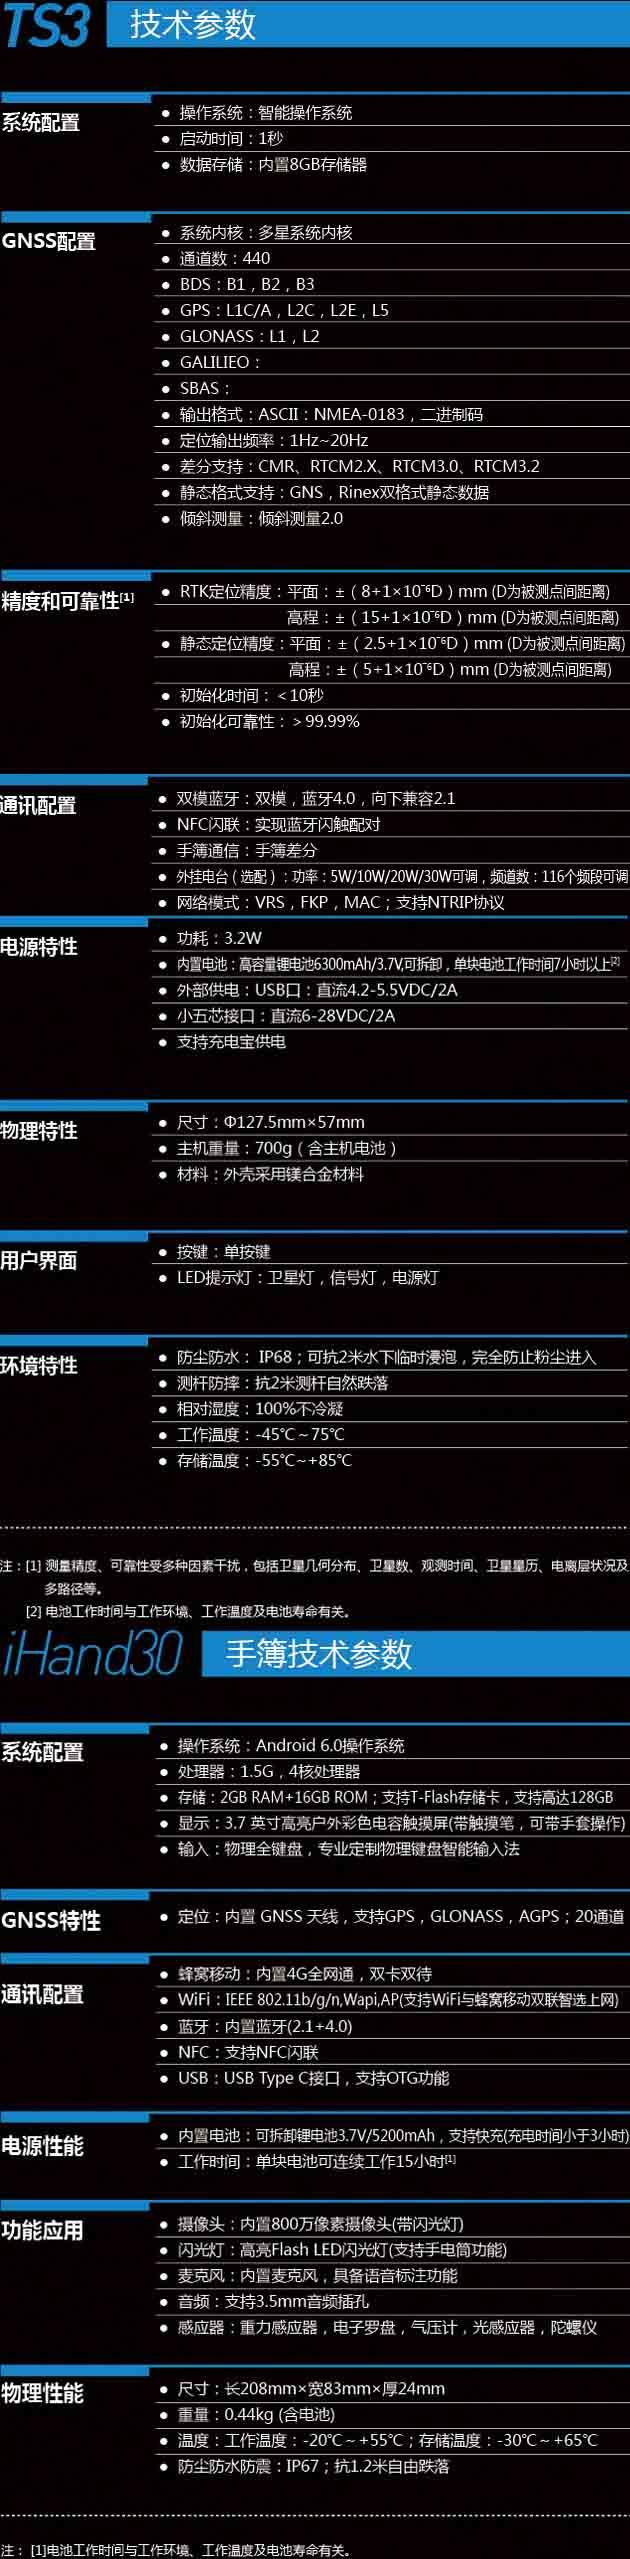 北斗海达TS3技术参数